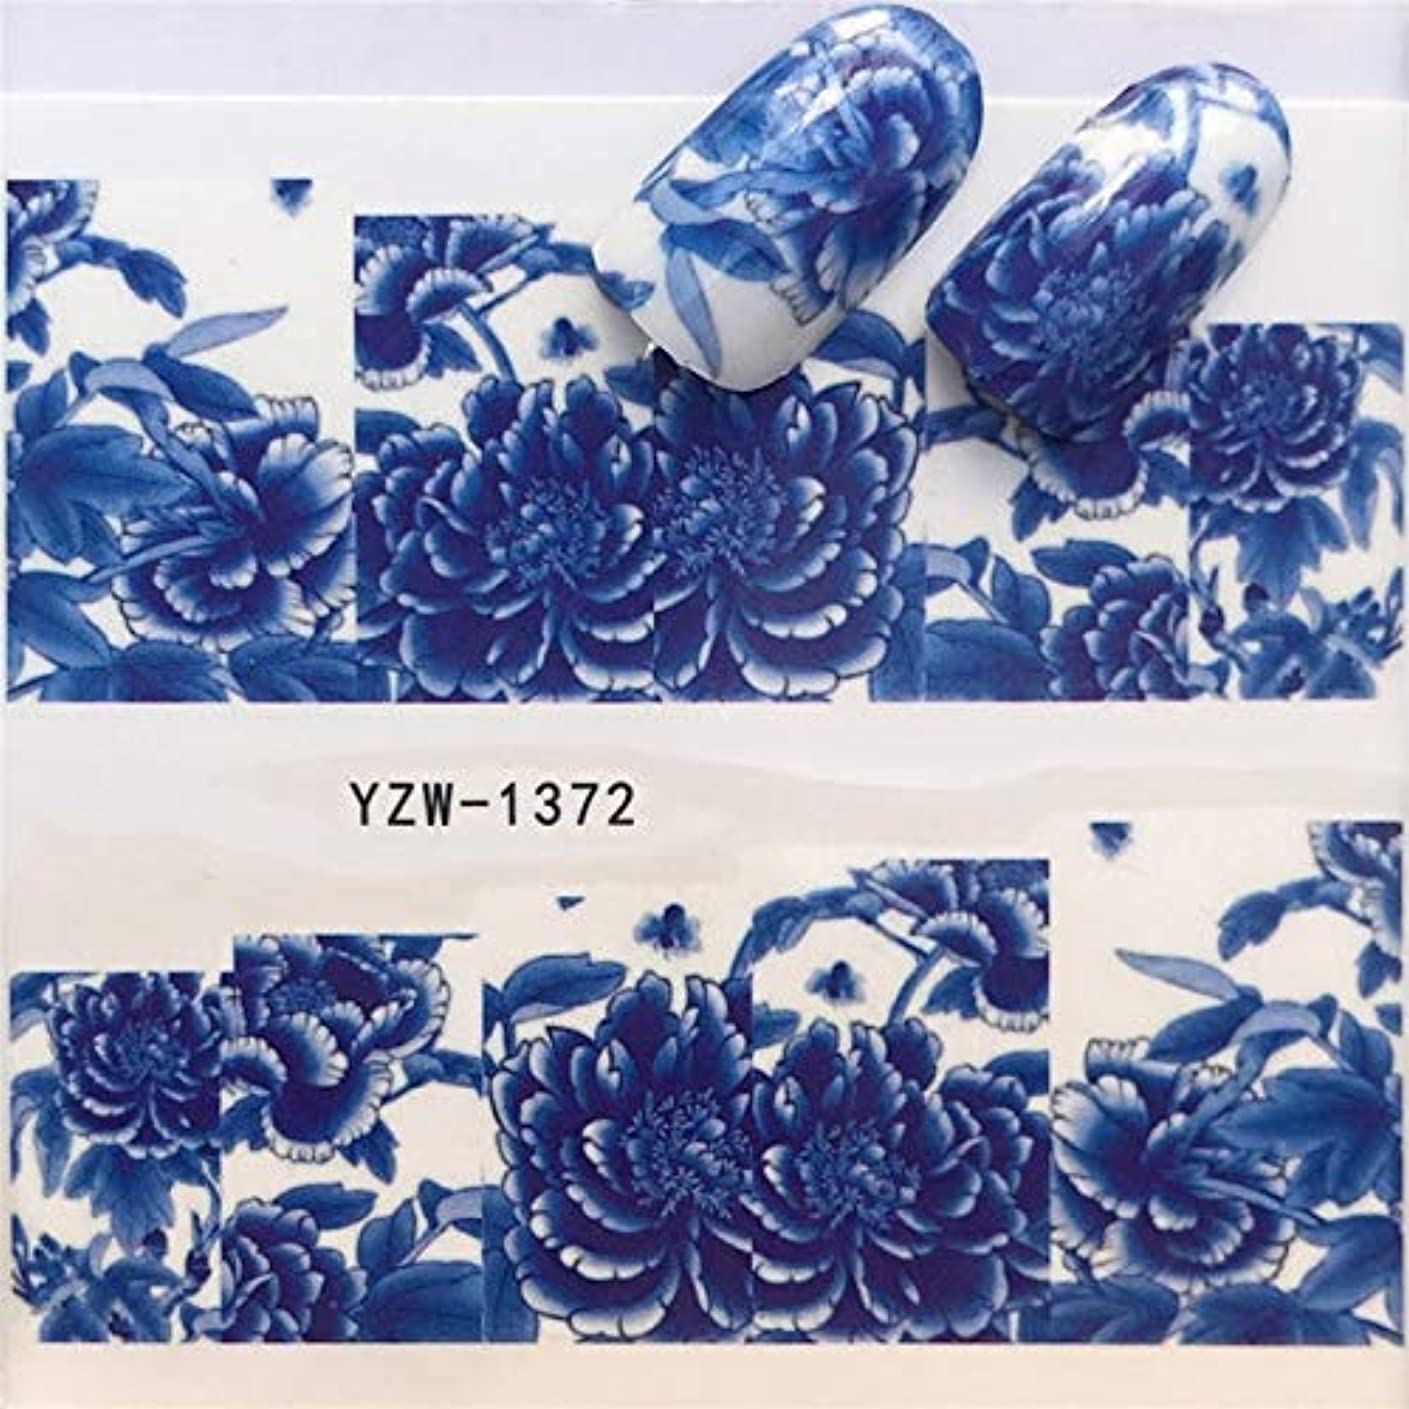 テクスチャー夢曇った手足ビューティーケア 3個ネイルステッカーセットデカール水転写スライダーネイルアートデコレーション、色:YZW 1372